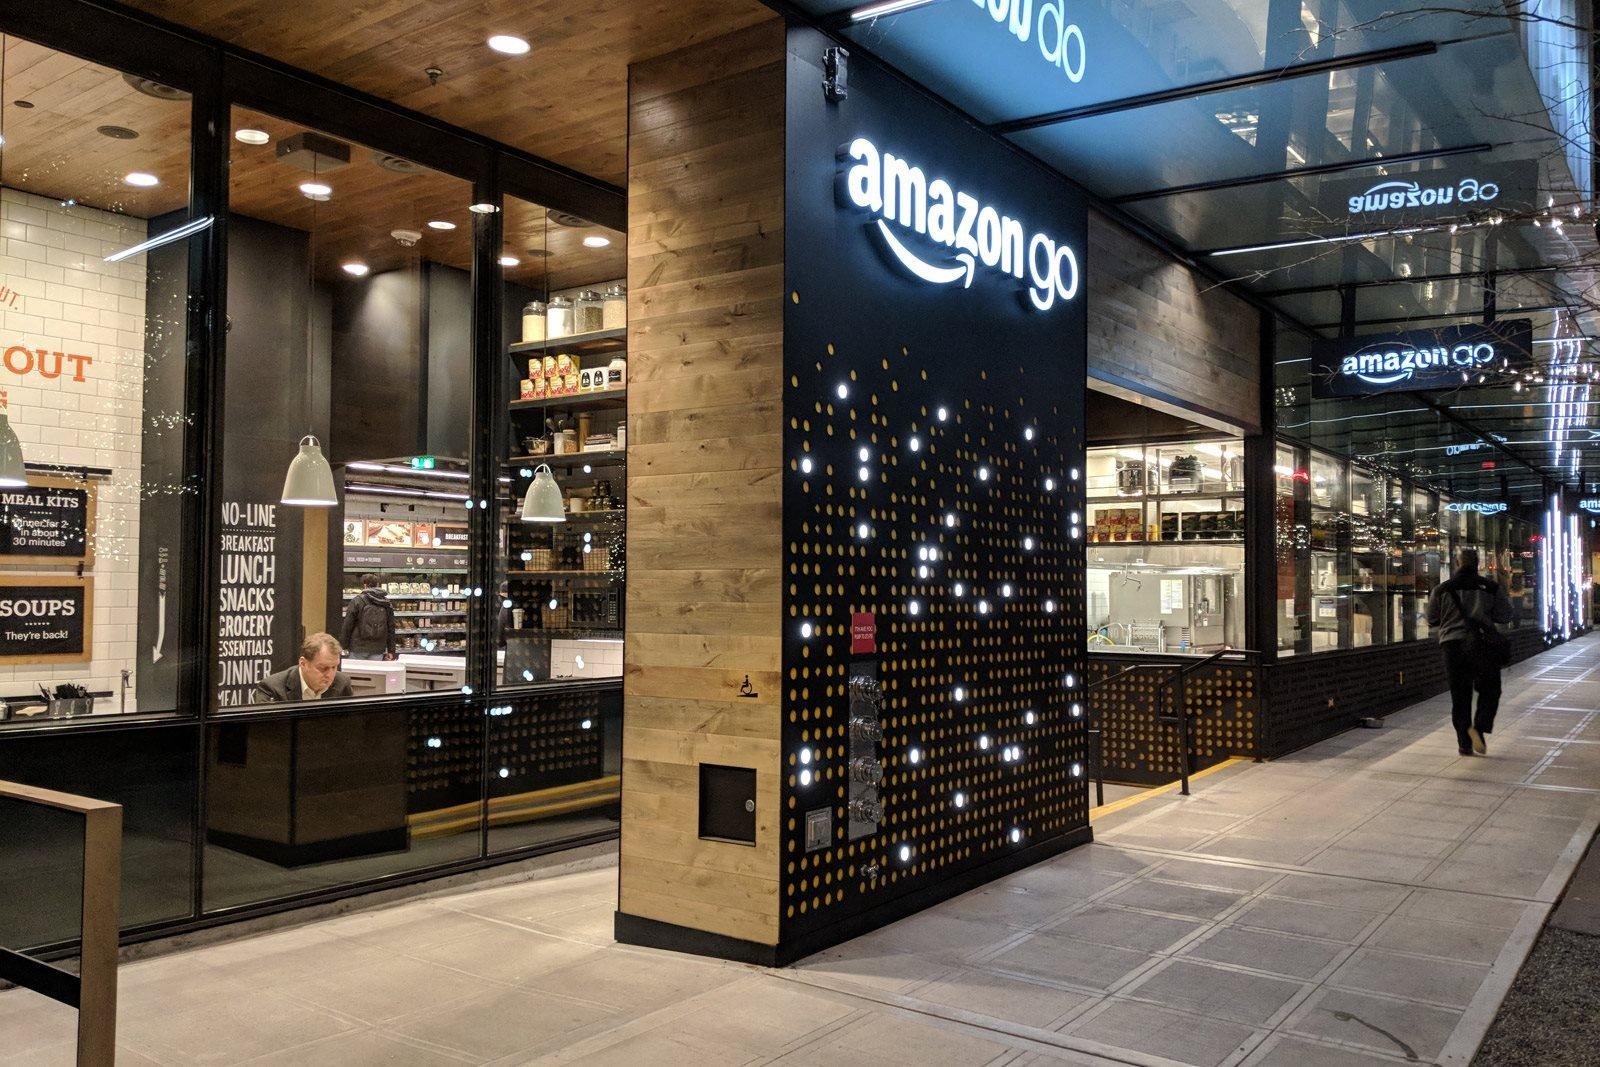 Nearby AmazonGo at The Martin, Seattle, WA